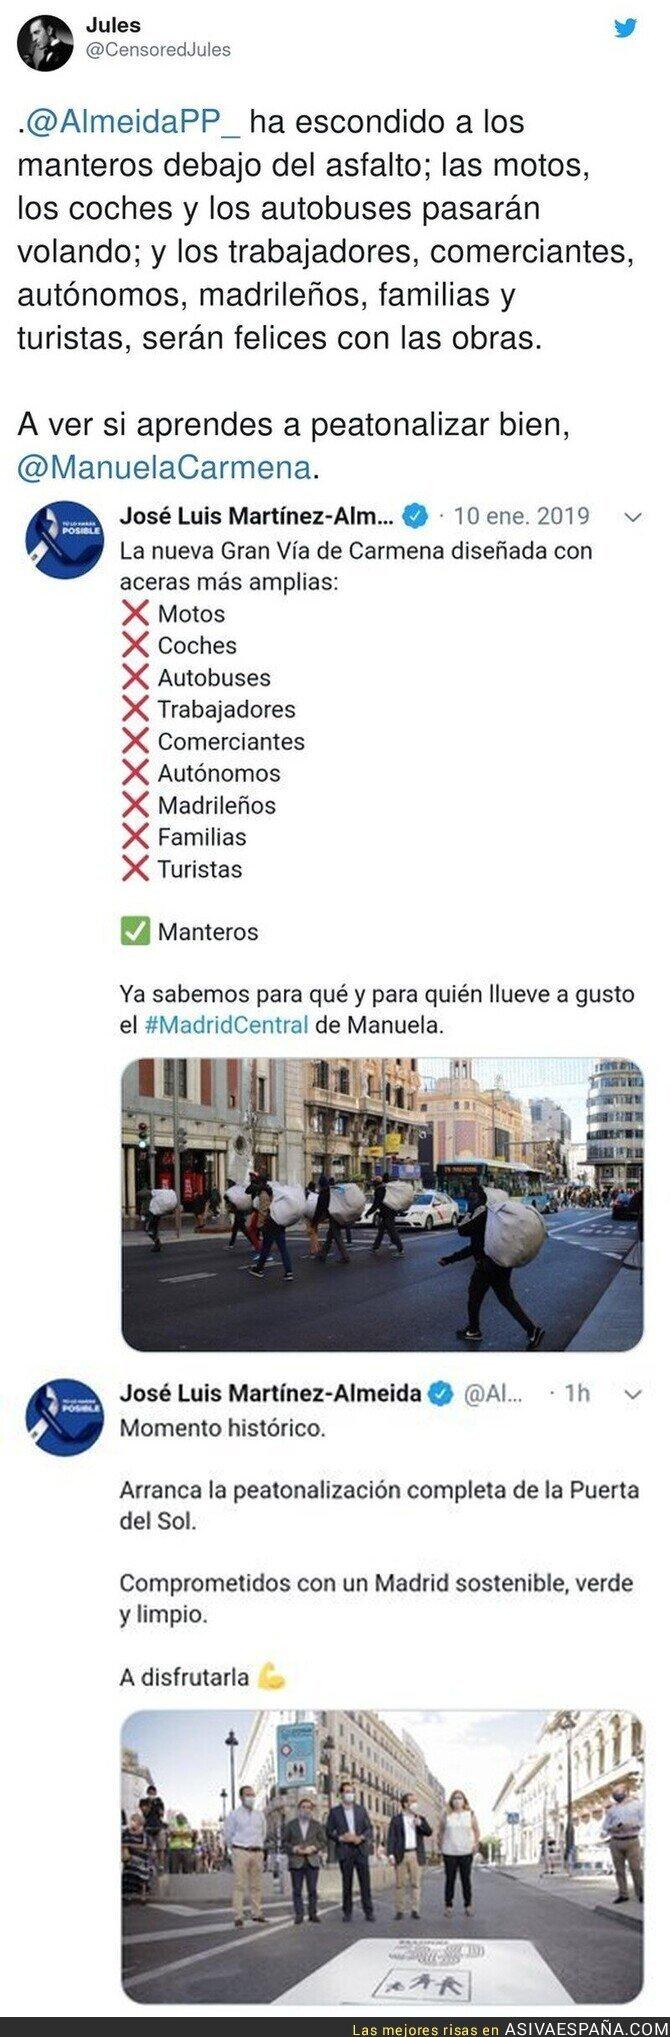 331414 - Como cambia la historia cuando peatonaliza Manuela Carmena o José Luis Martínez Almeida